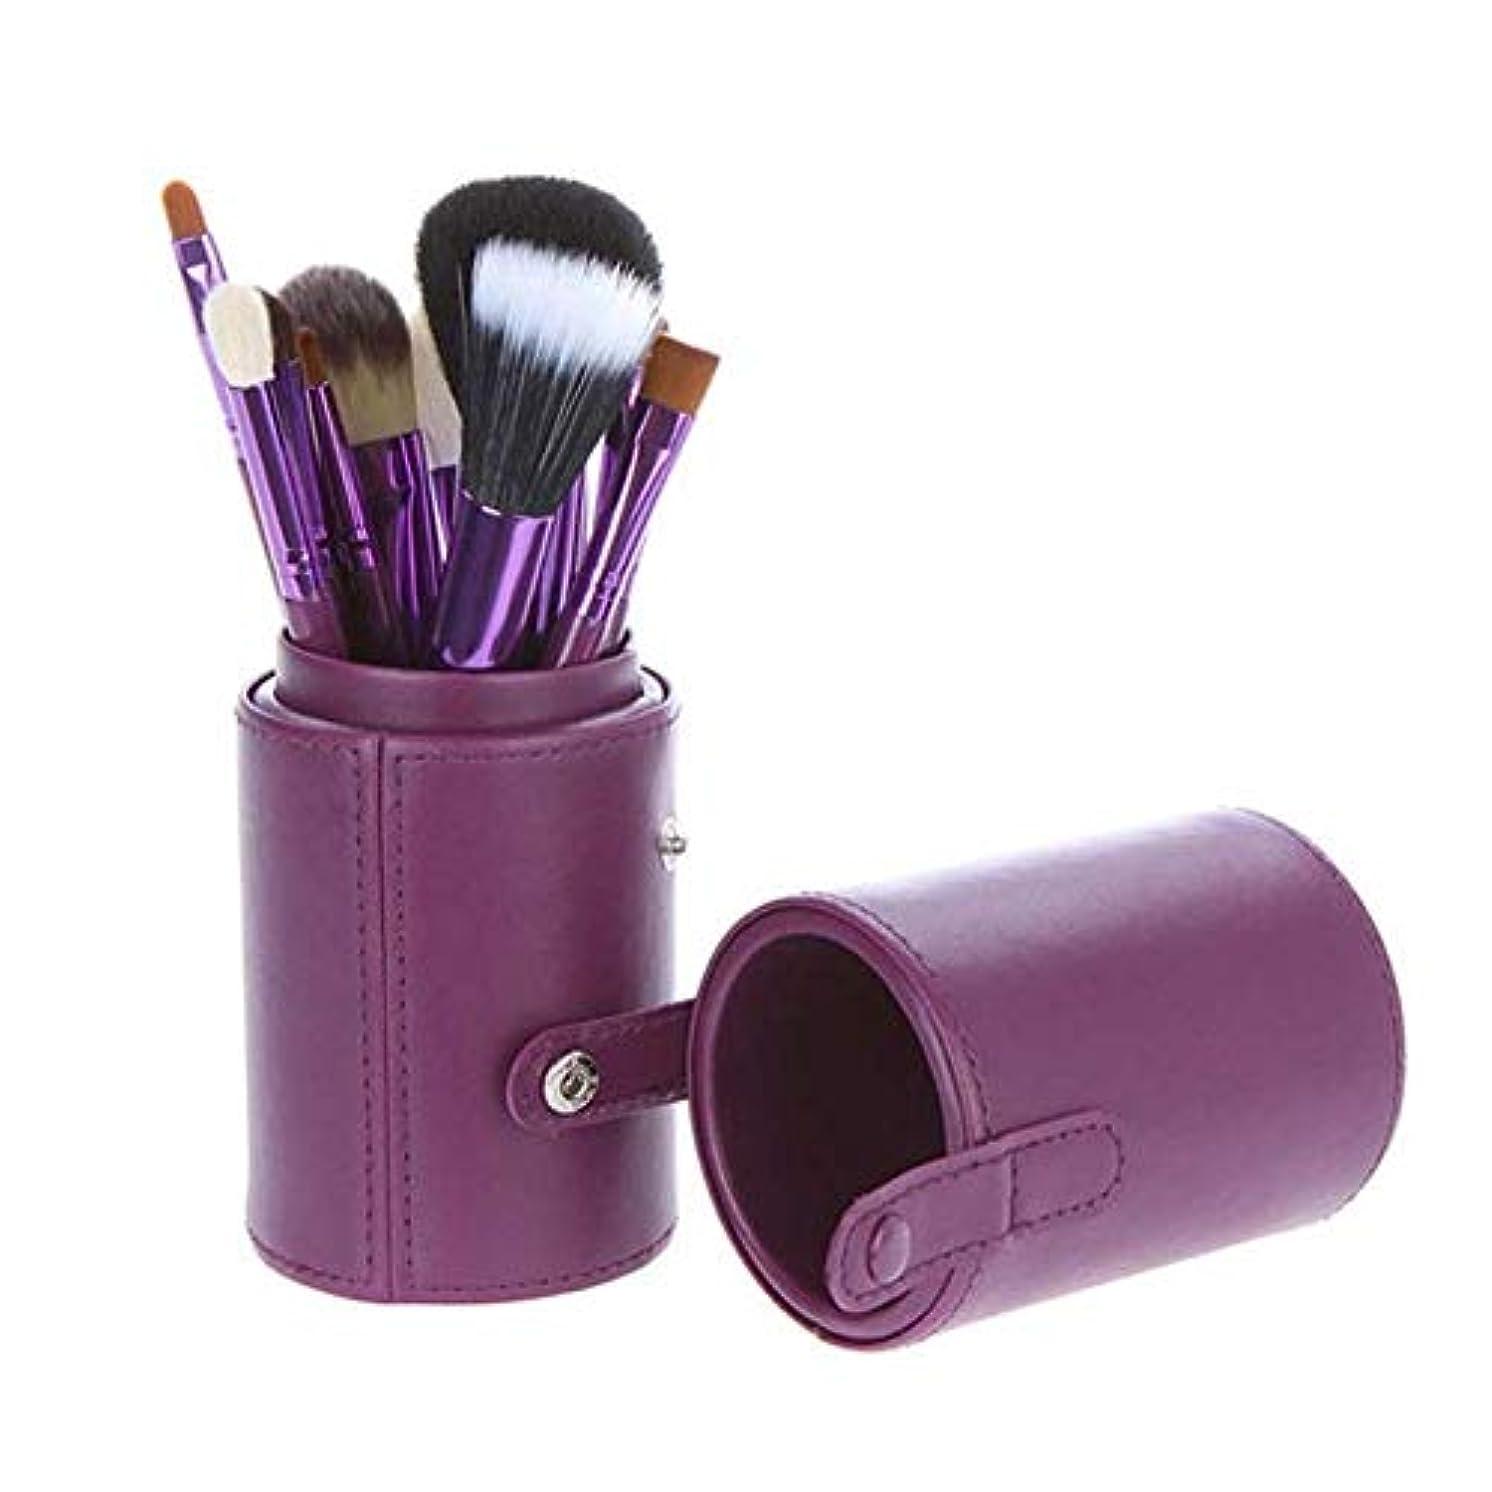 知り合いになる銅強要化粧ブラシセット:美しい女性ギフトボックスに表示されるスタイリッシュなブラシケースで、プロのプロ、美容ブレンダーとクリーナーをメイクアップ (Color : Purple)